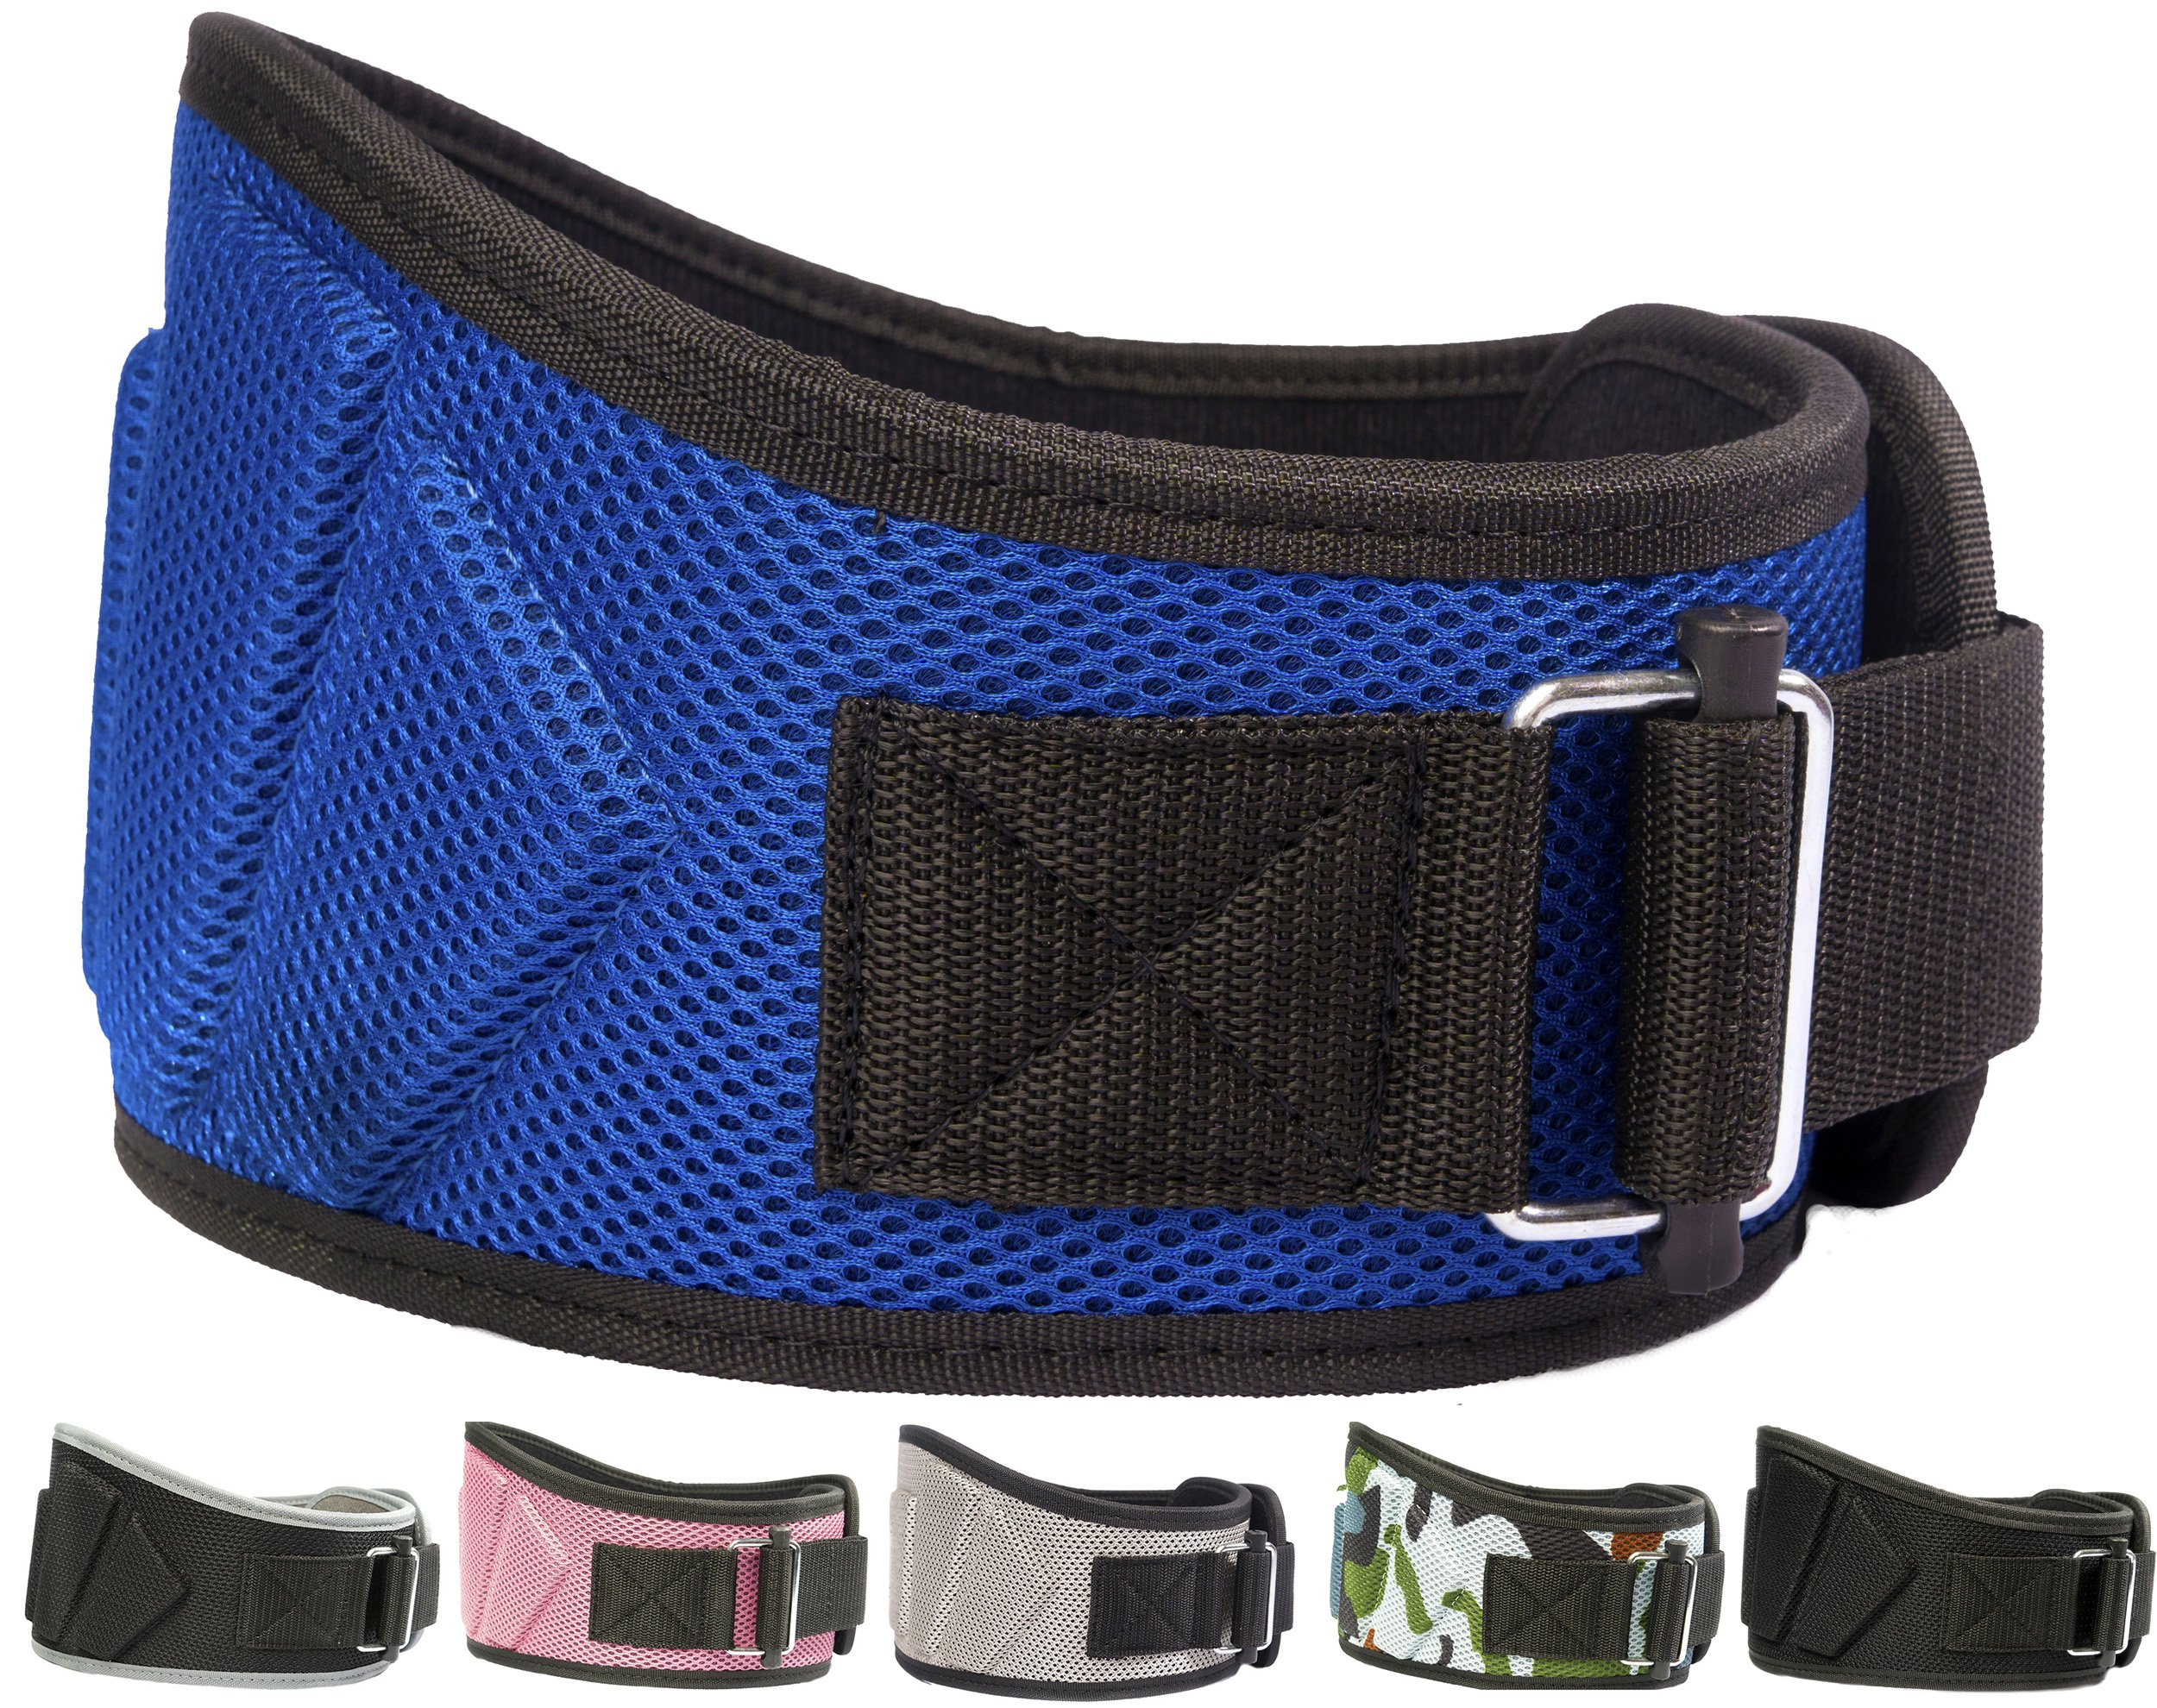 Fire Team Fit Weight Lifting Belt, Weight Belt, Lifting Belt, Weightlifting Belt, Weightlifting Belts (Blue, 27'' - 32'' Around Navel, X-Small)